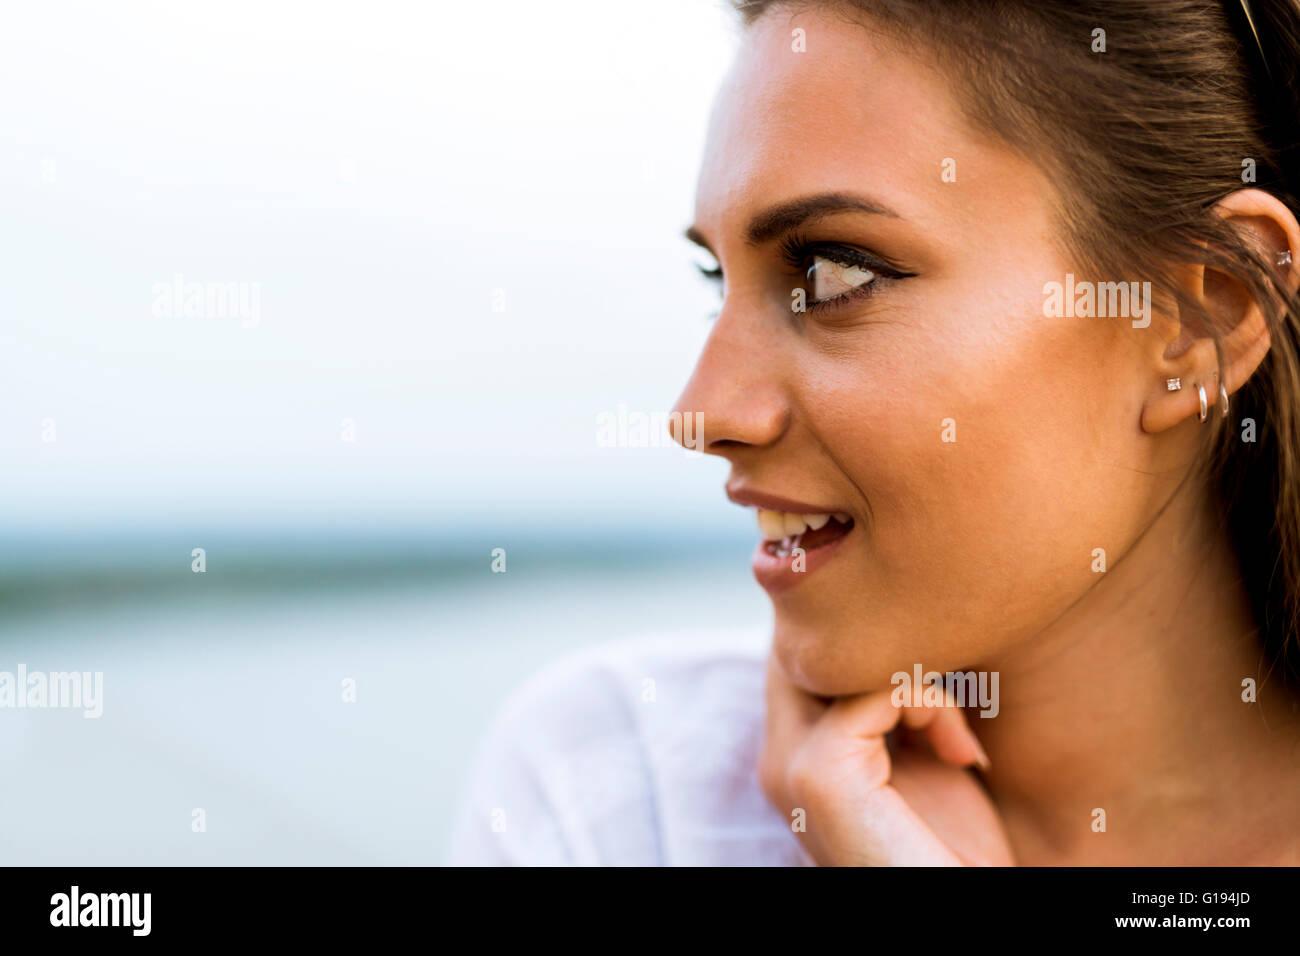 Schöne junge Frau Profilbild und ein Mode-Ständer Stockbild